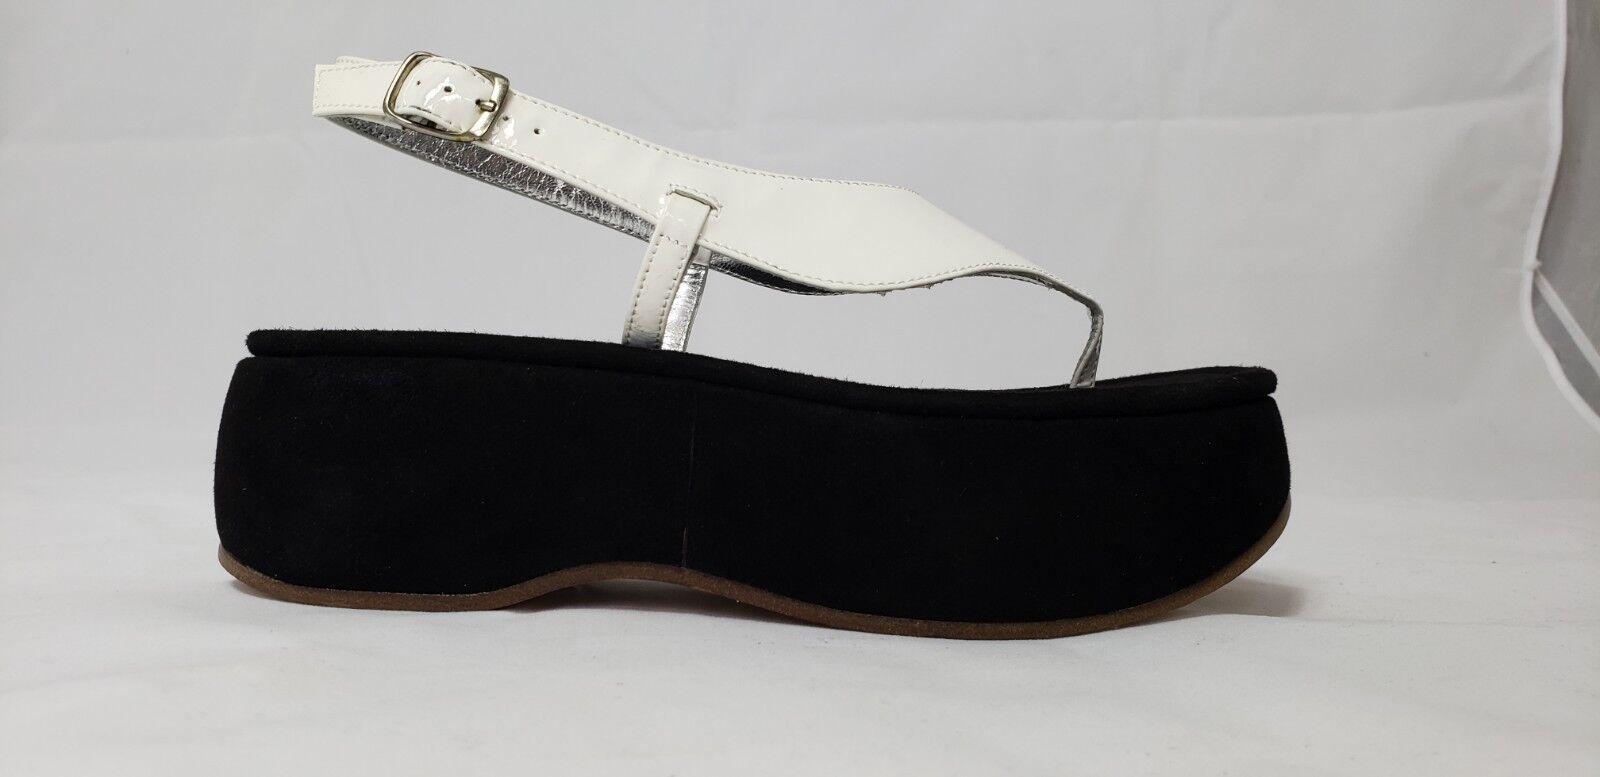 Bernardo Beachnique white patent leather   black suede sandals